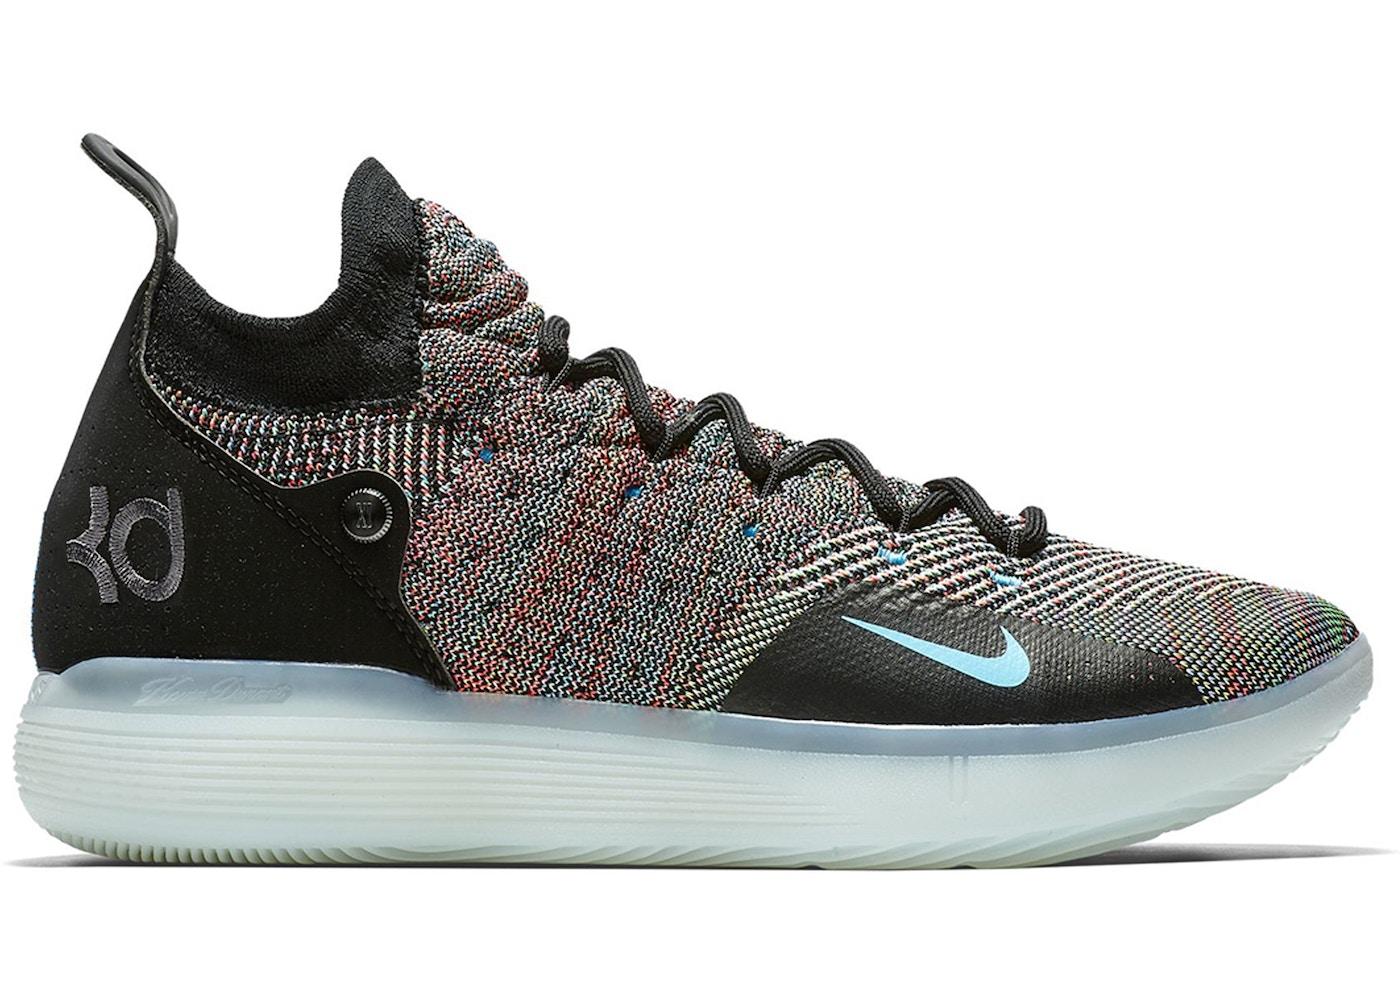 a7012d3f3 Buy Nike KD Shoes & Deadstock Sneakers